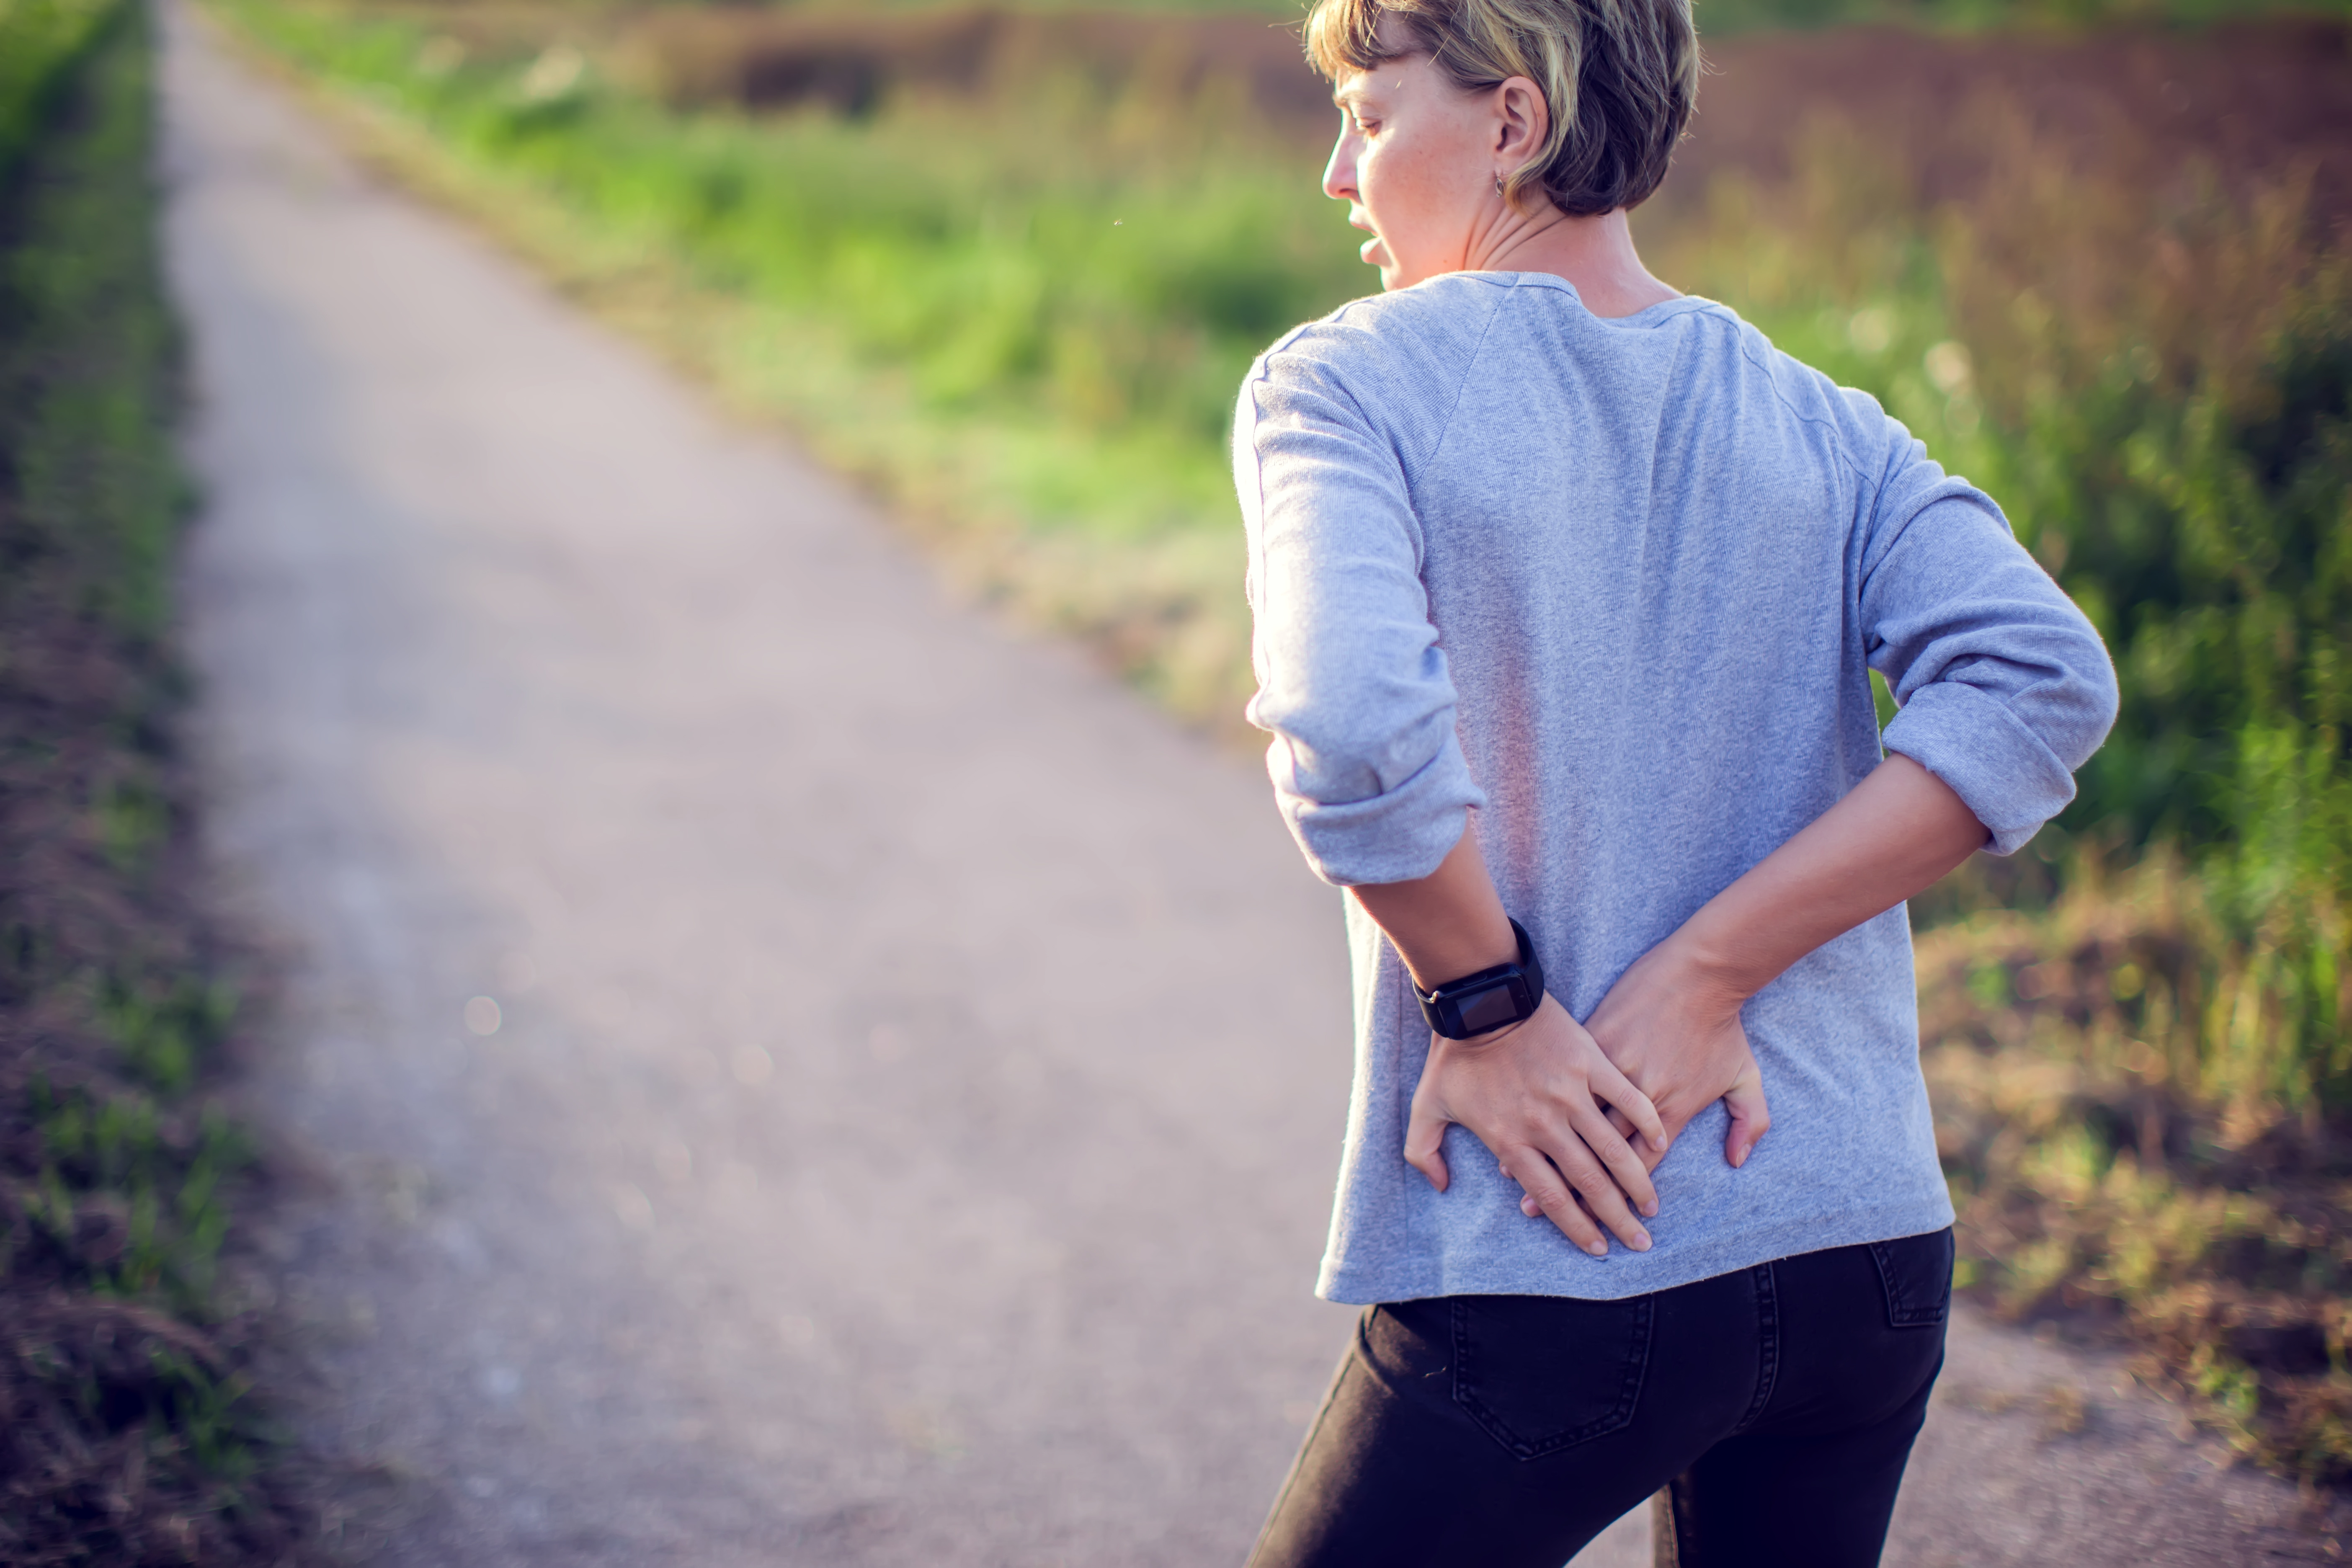 hip-pain-walking